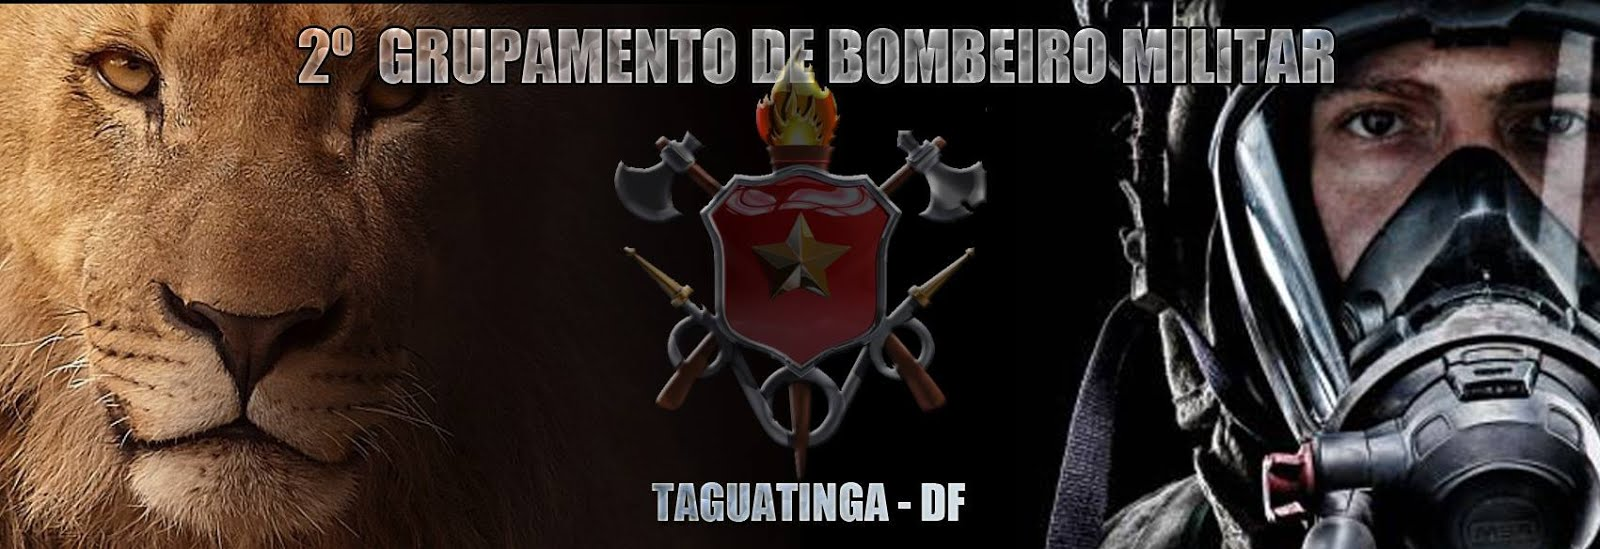 SIMBOLO DO BATALHÃO